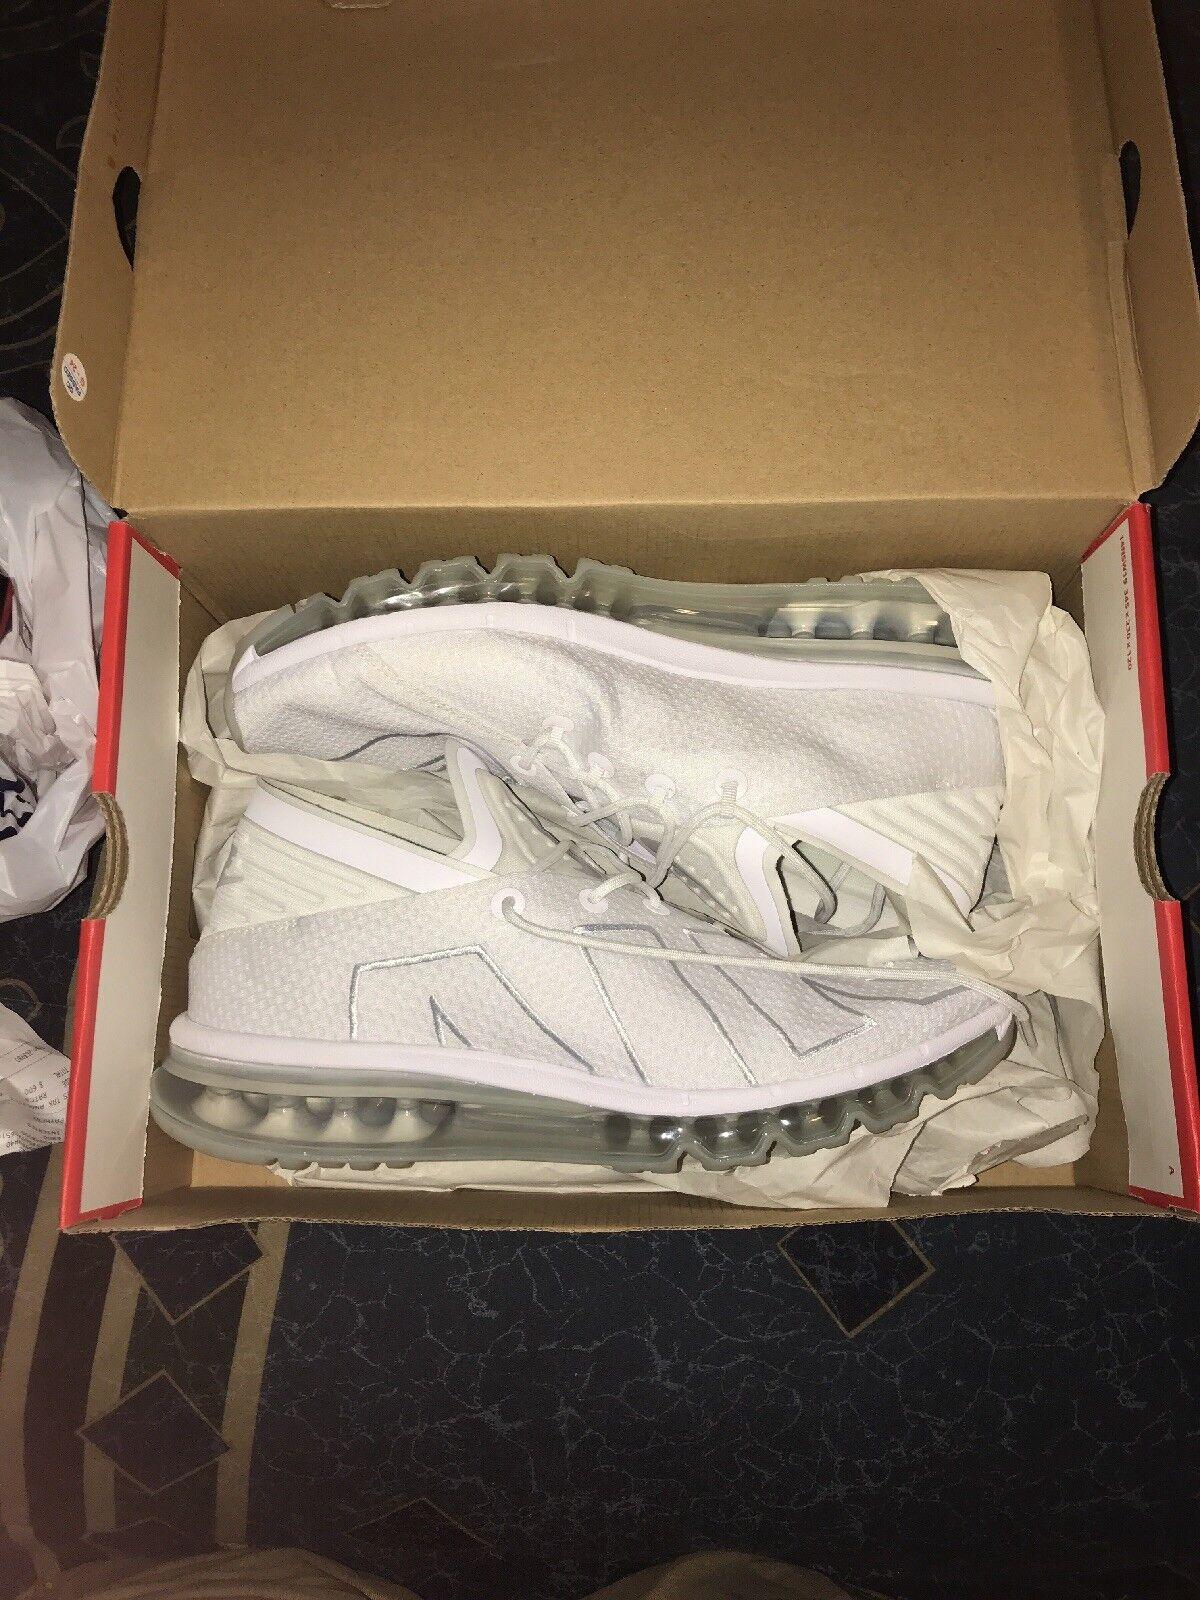 Nike air max stile bianco Uomo taglia 10 contatti 509-366-6911 2018